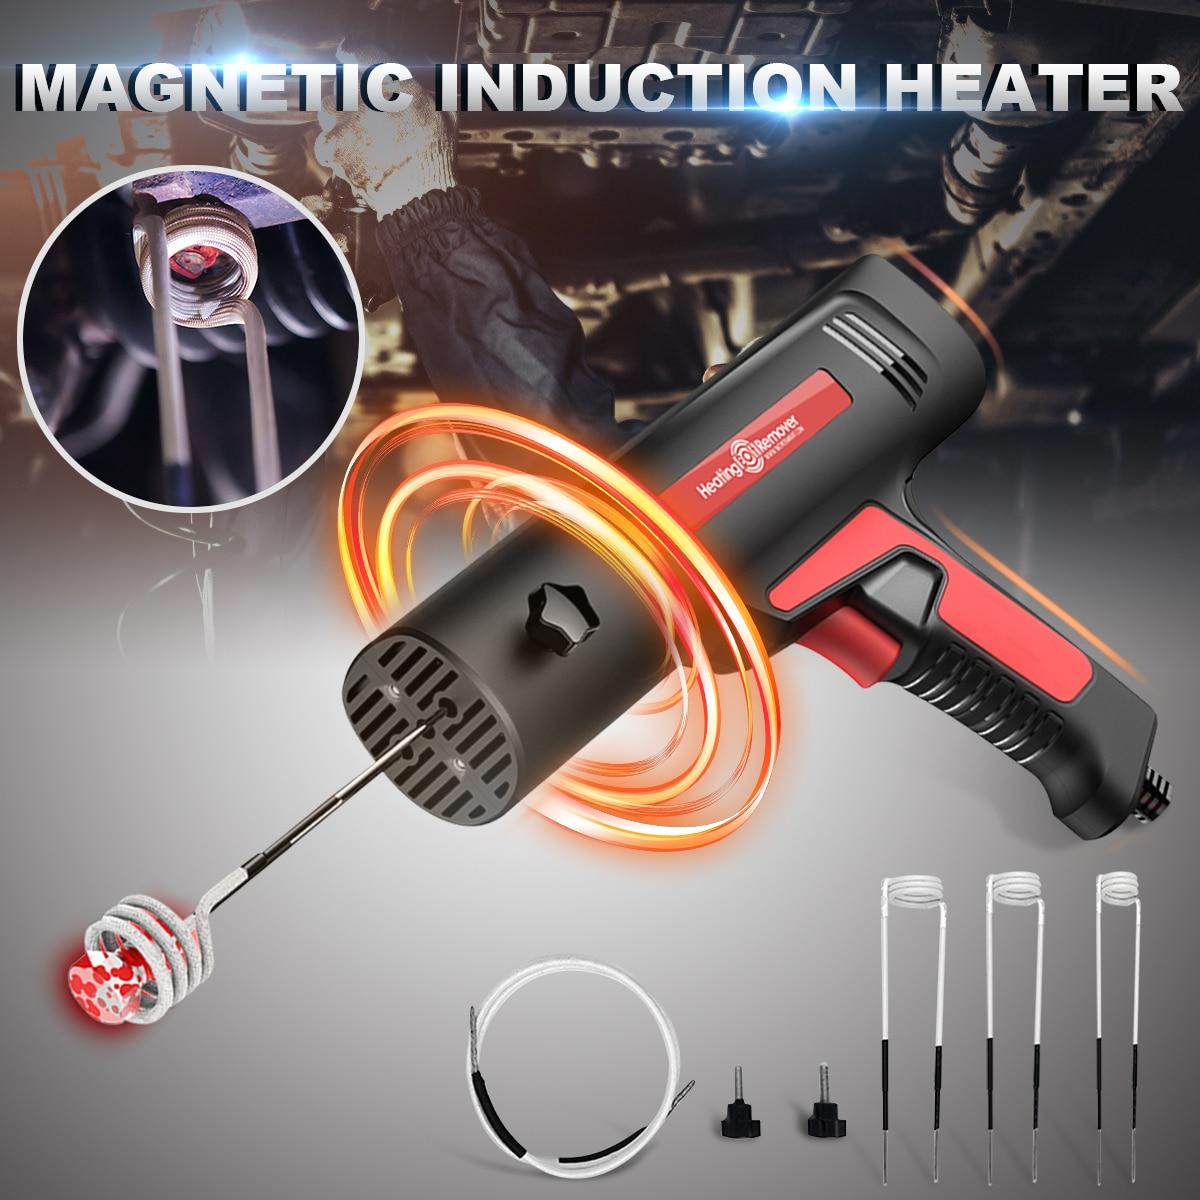 Magnétique chauffage par induction Kit Pour Automobile Sans Flamme Chaleur 12V-110-220V Réparation De Chauffage De Voiture extracteur de vis